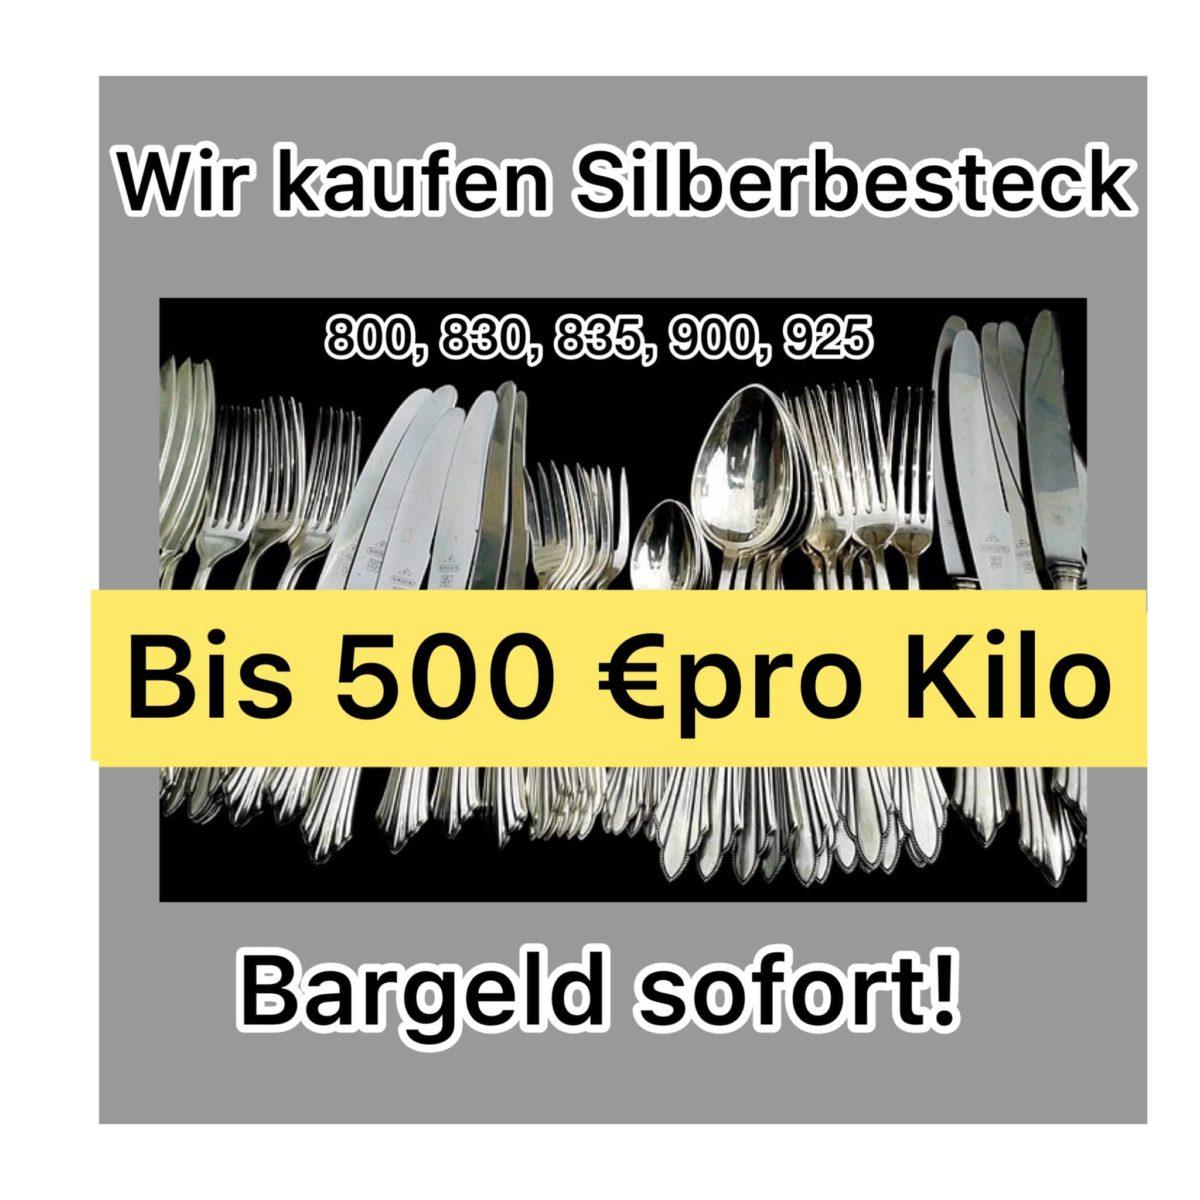 Silberbesteck verkaufen 500€ pro kg